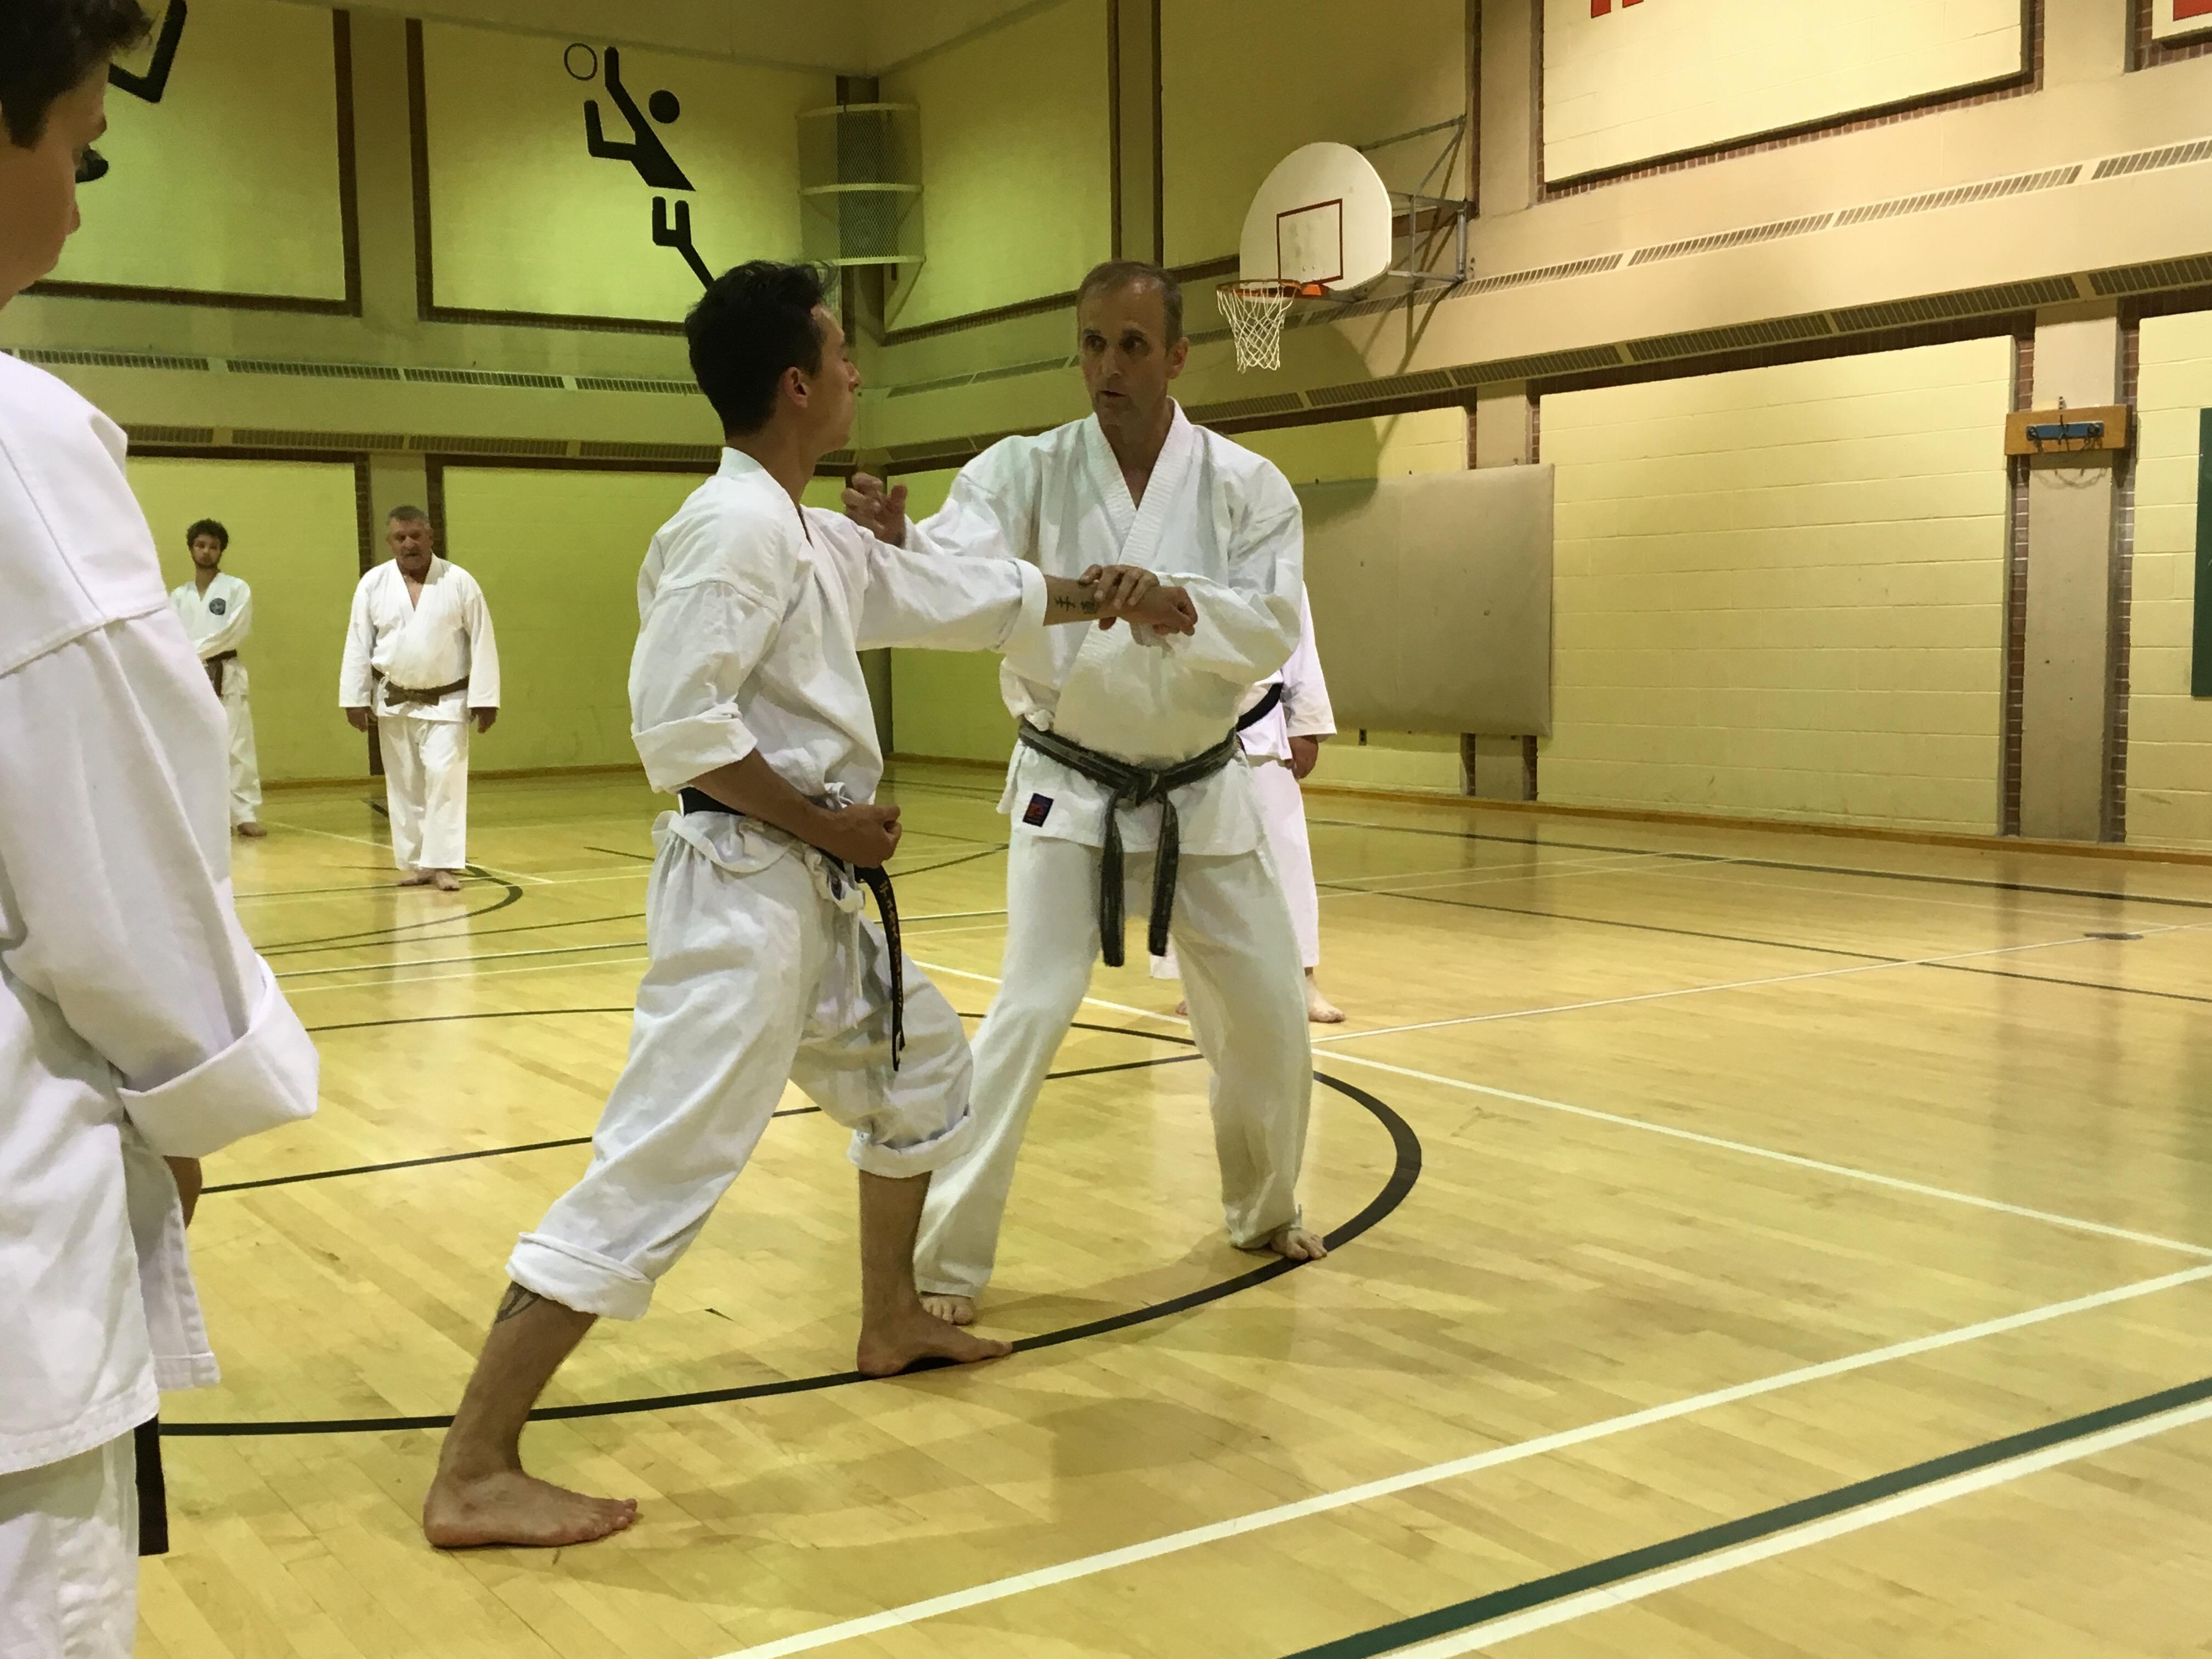 Le maître de karaté Russell Girard accroche son kimono